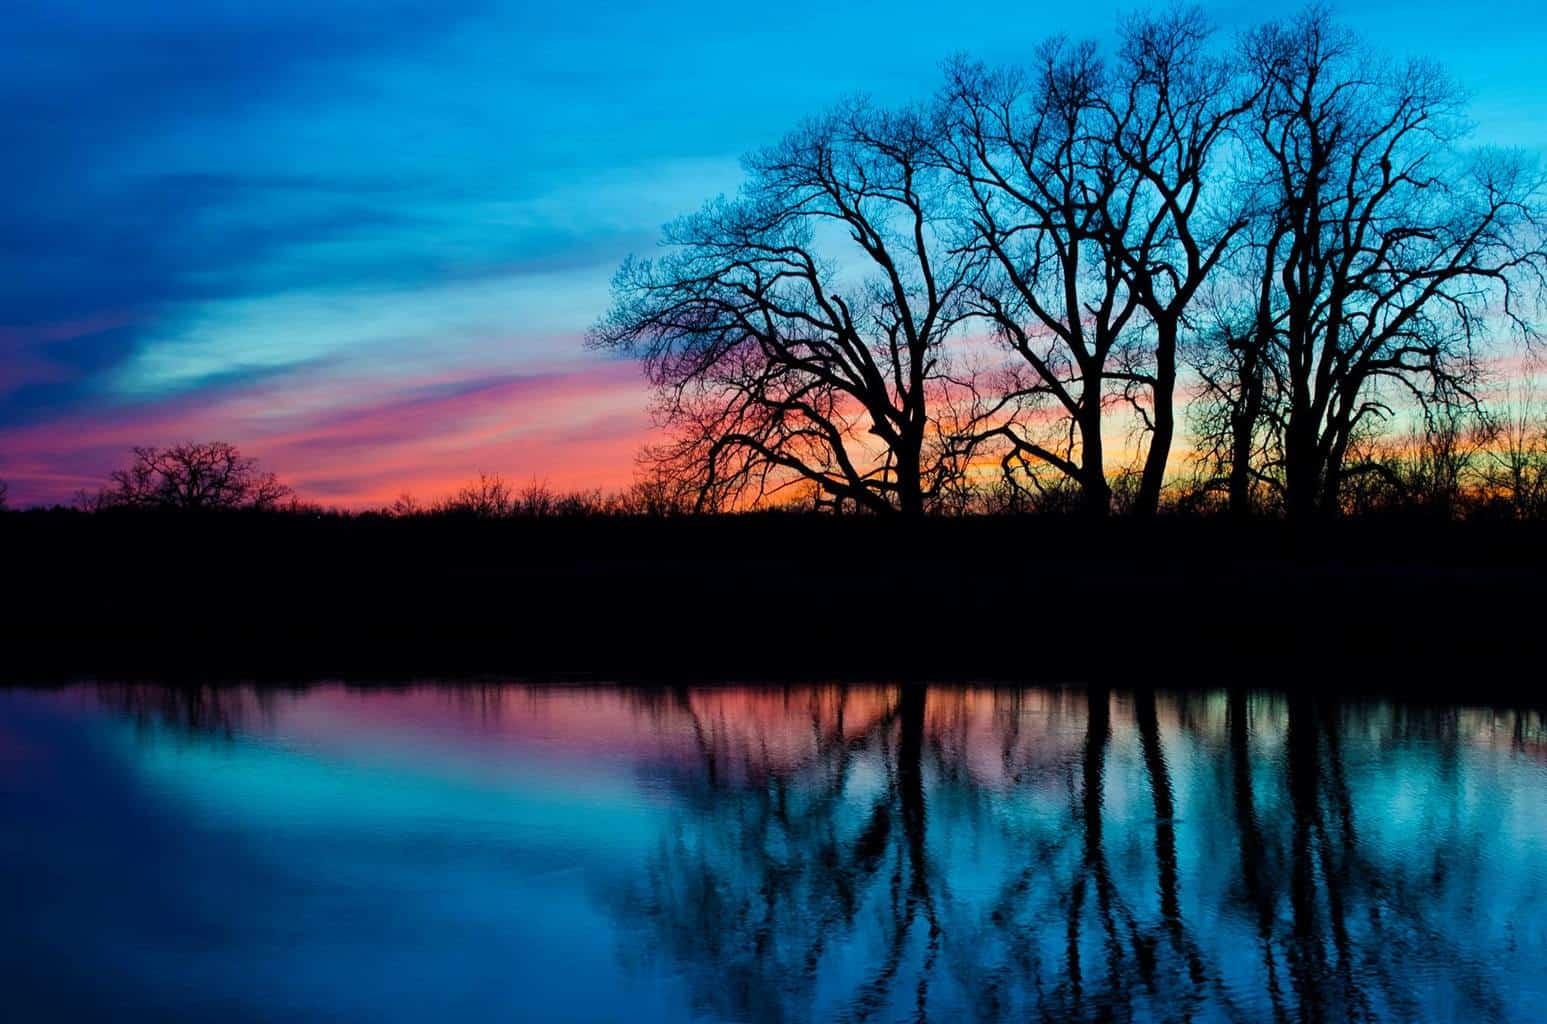 Tonights sunset, This was taken in Blanchard OK. Hope everyone enjoys it.